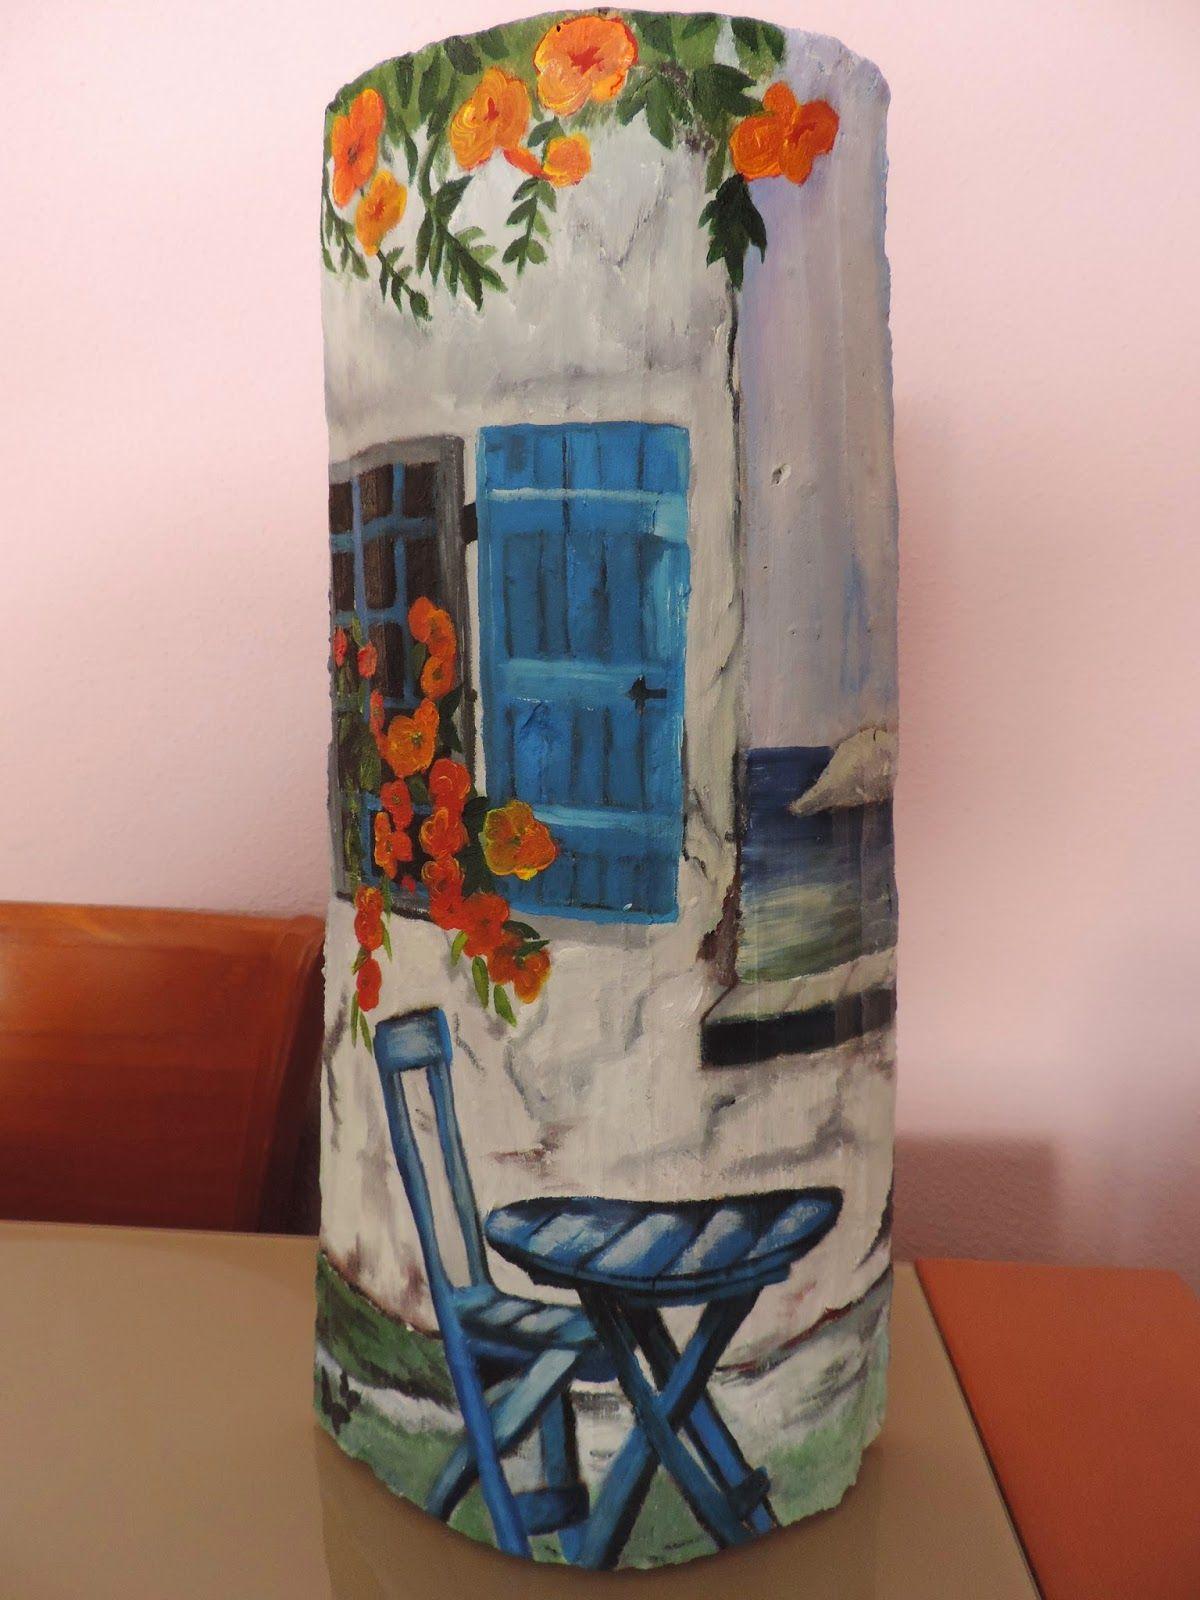 Cosas de cari teja pintada al oleo paisaje de grecia mis trabajos pintura em pedras - Pintar tejas de barro ...